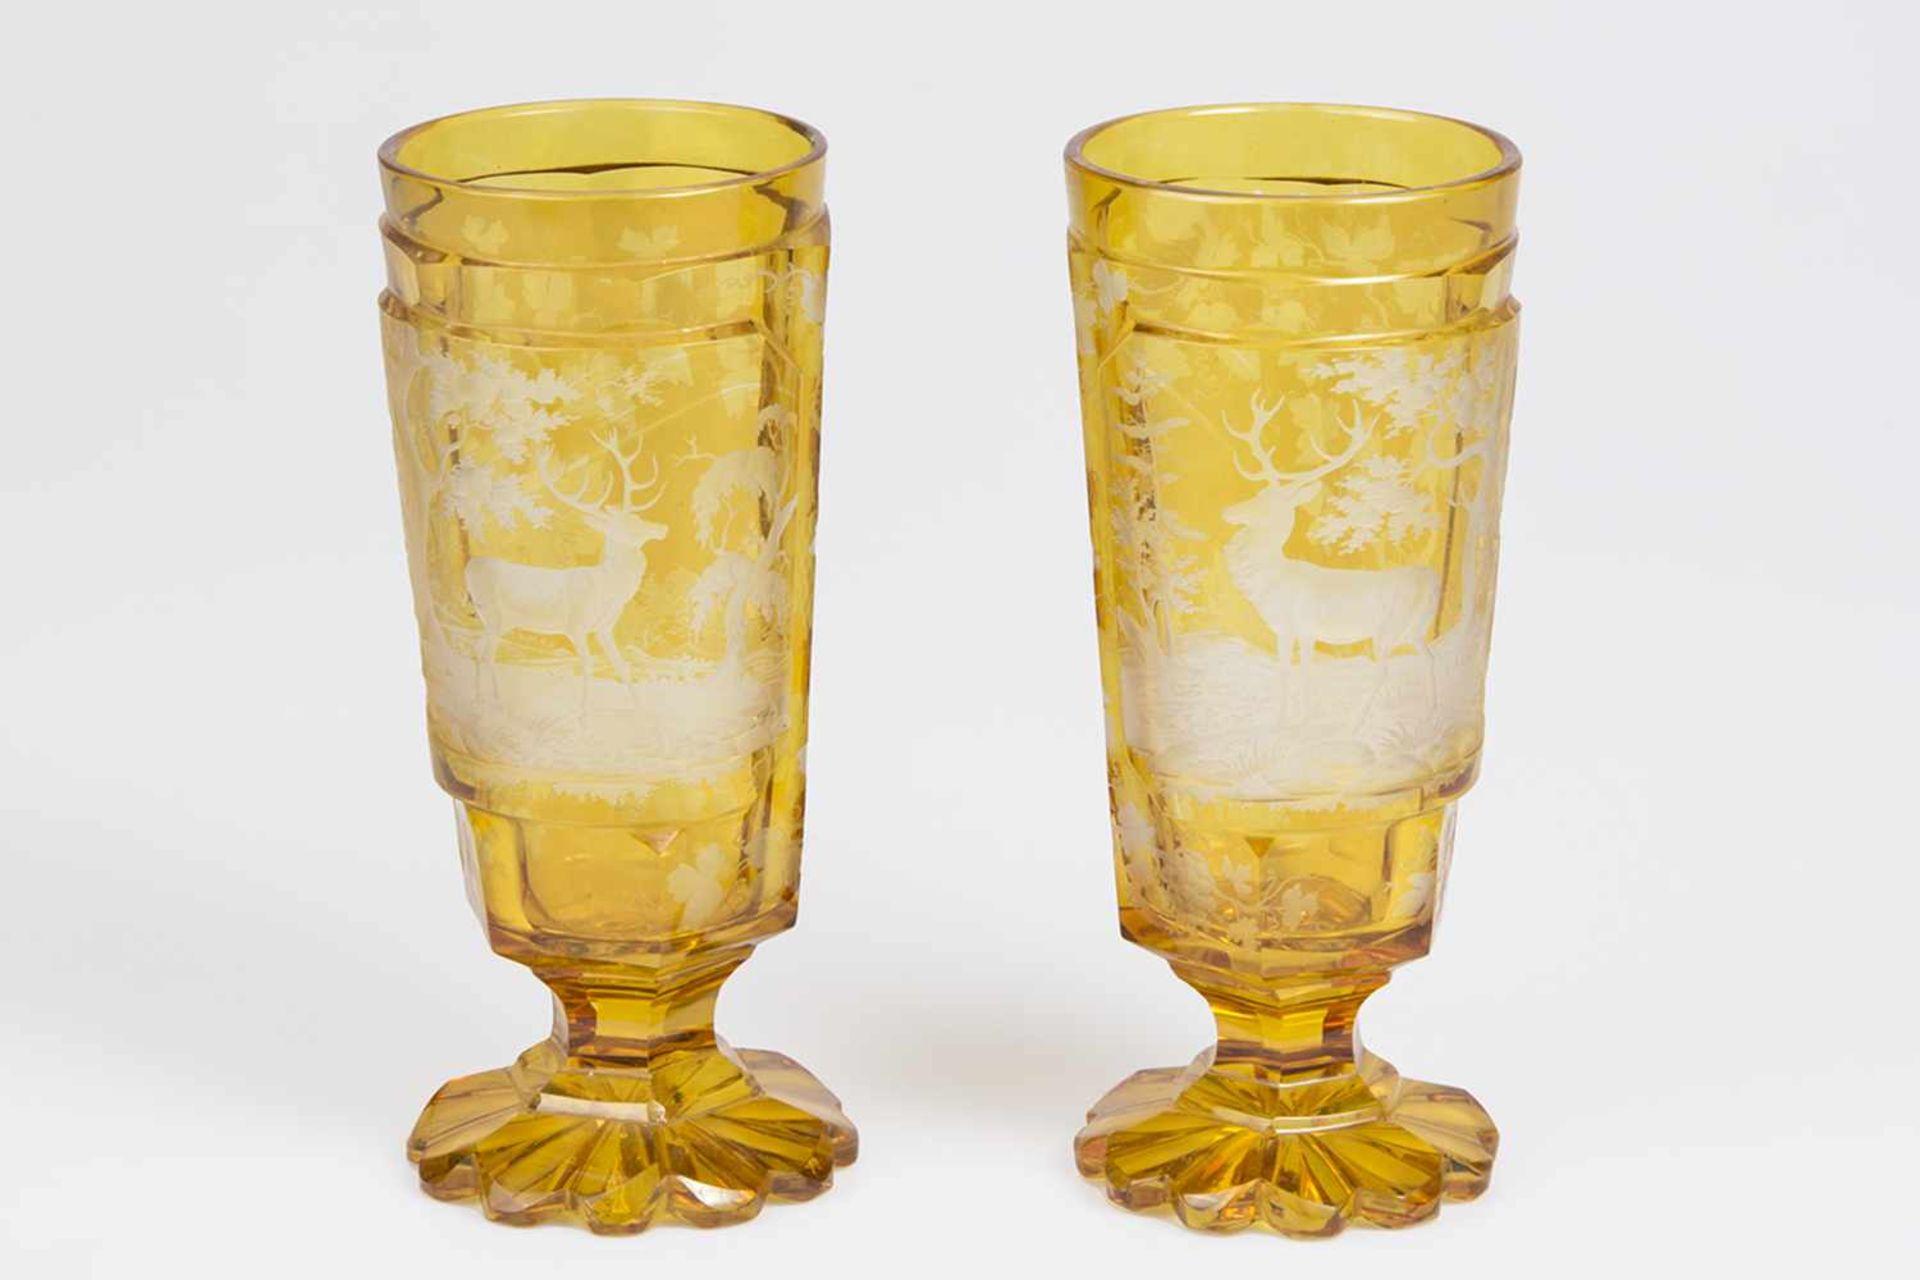 Los 49 - 2 Fußbecher um 1900 wohl Böhmen, bernsteinfarben gebeiztes Glas, mit facettiertem Schaft,